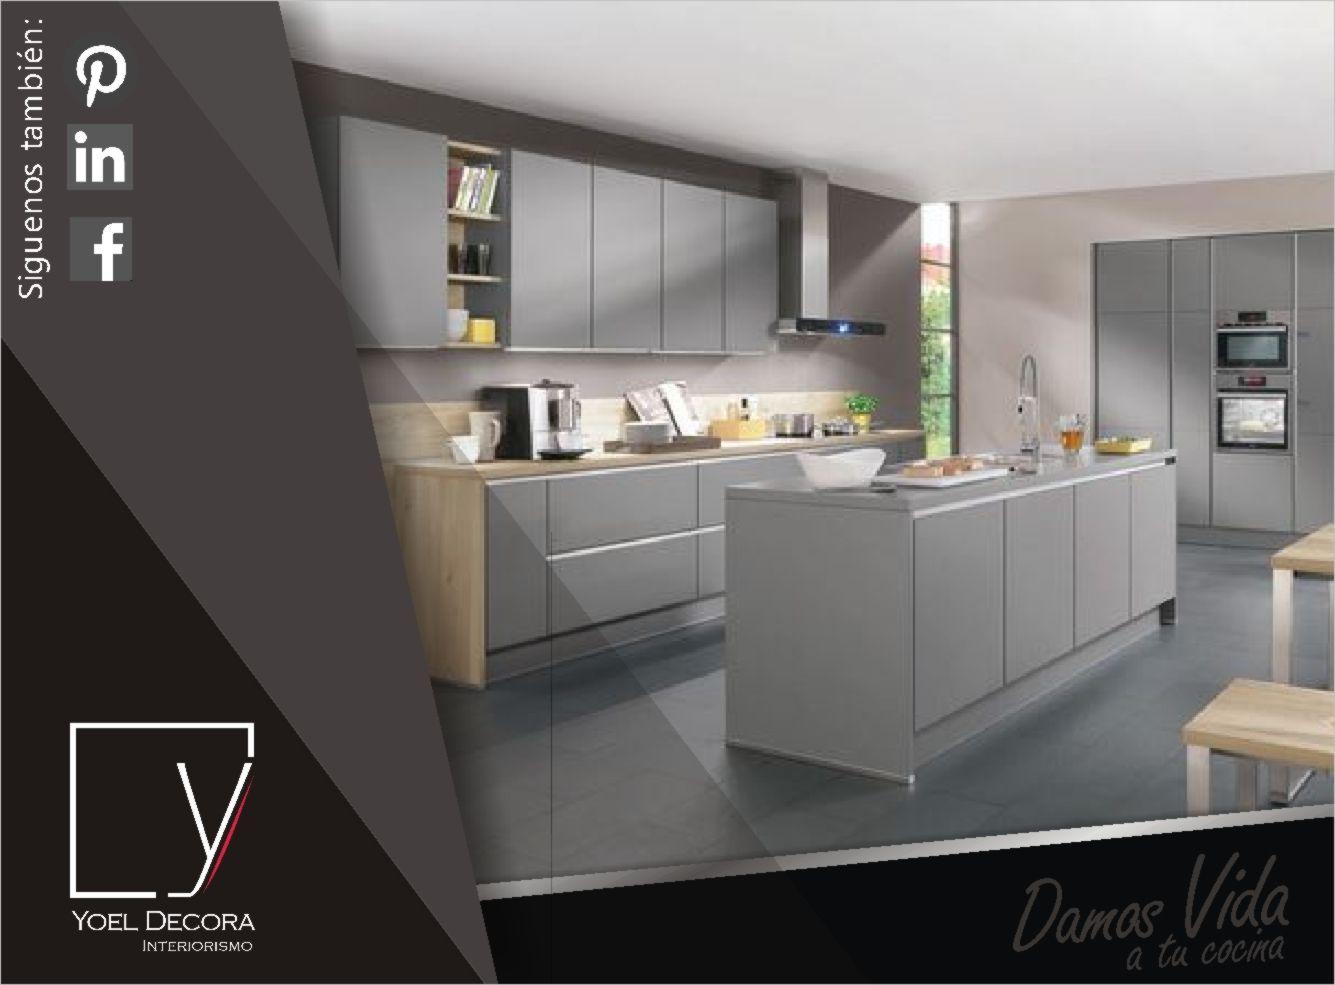 Al planificar una cocina nueva o dise ar una reforma se debe considerar la ubicac on de tres - Planificar una cocina ...